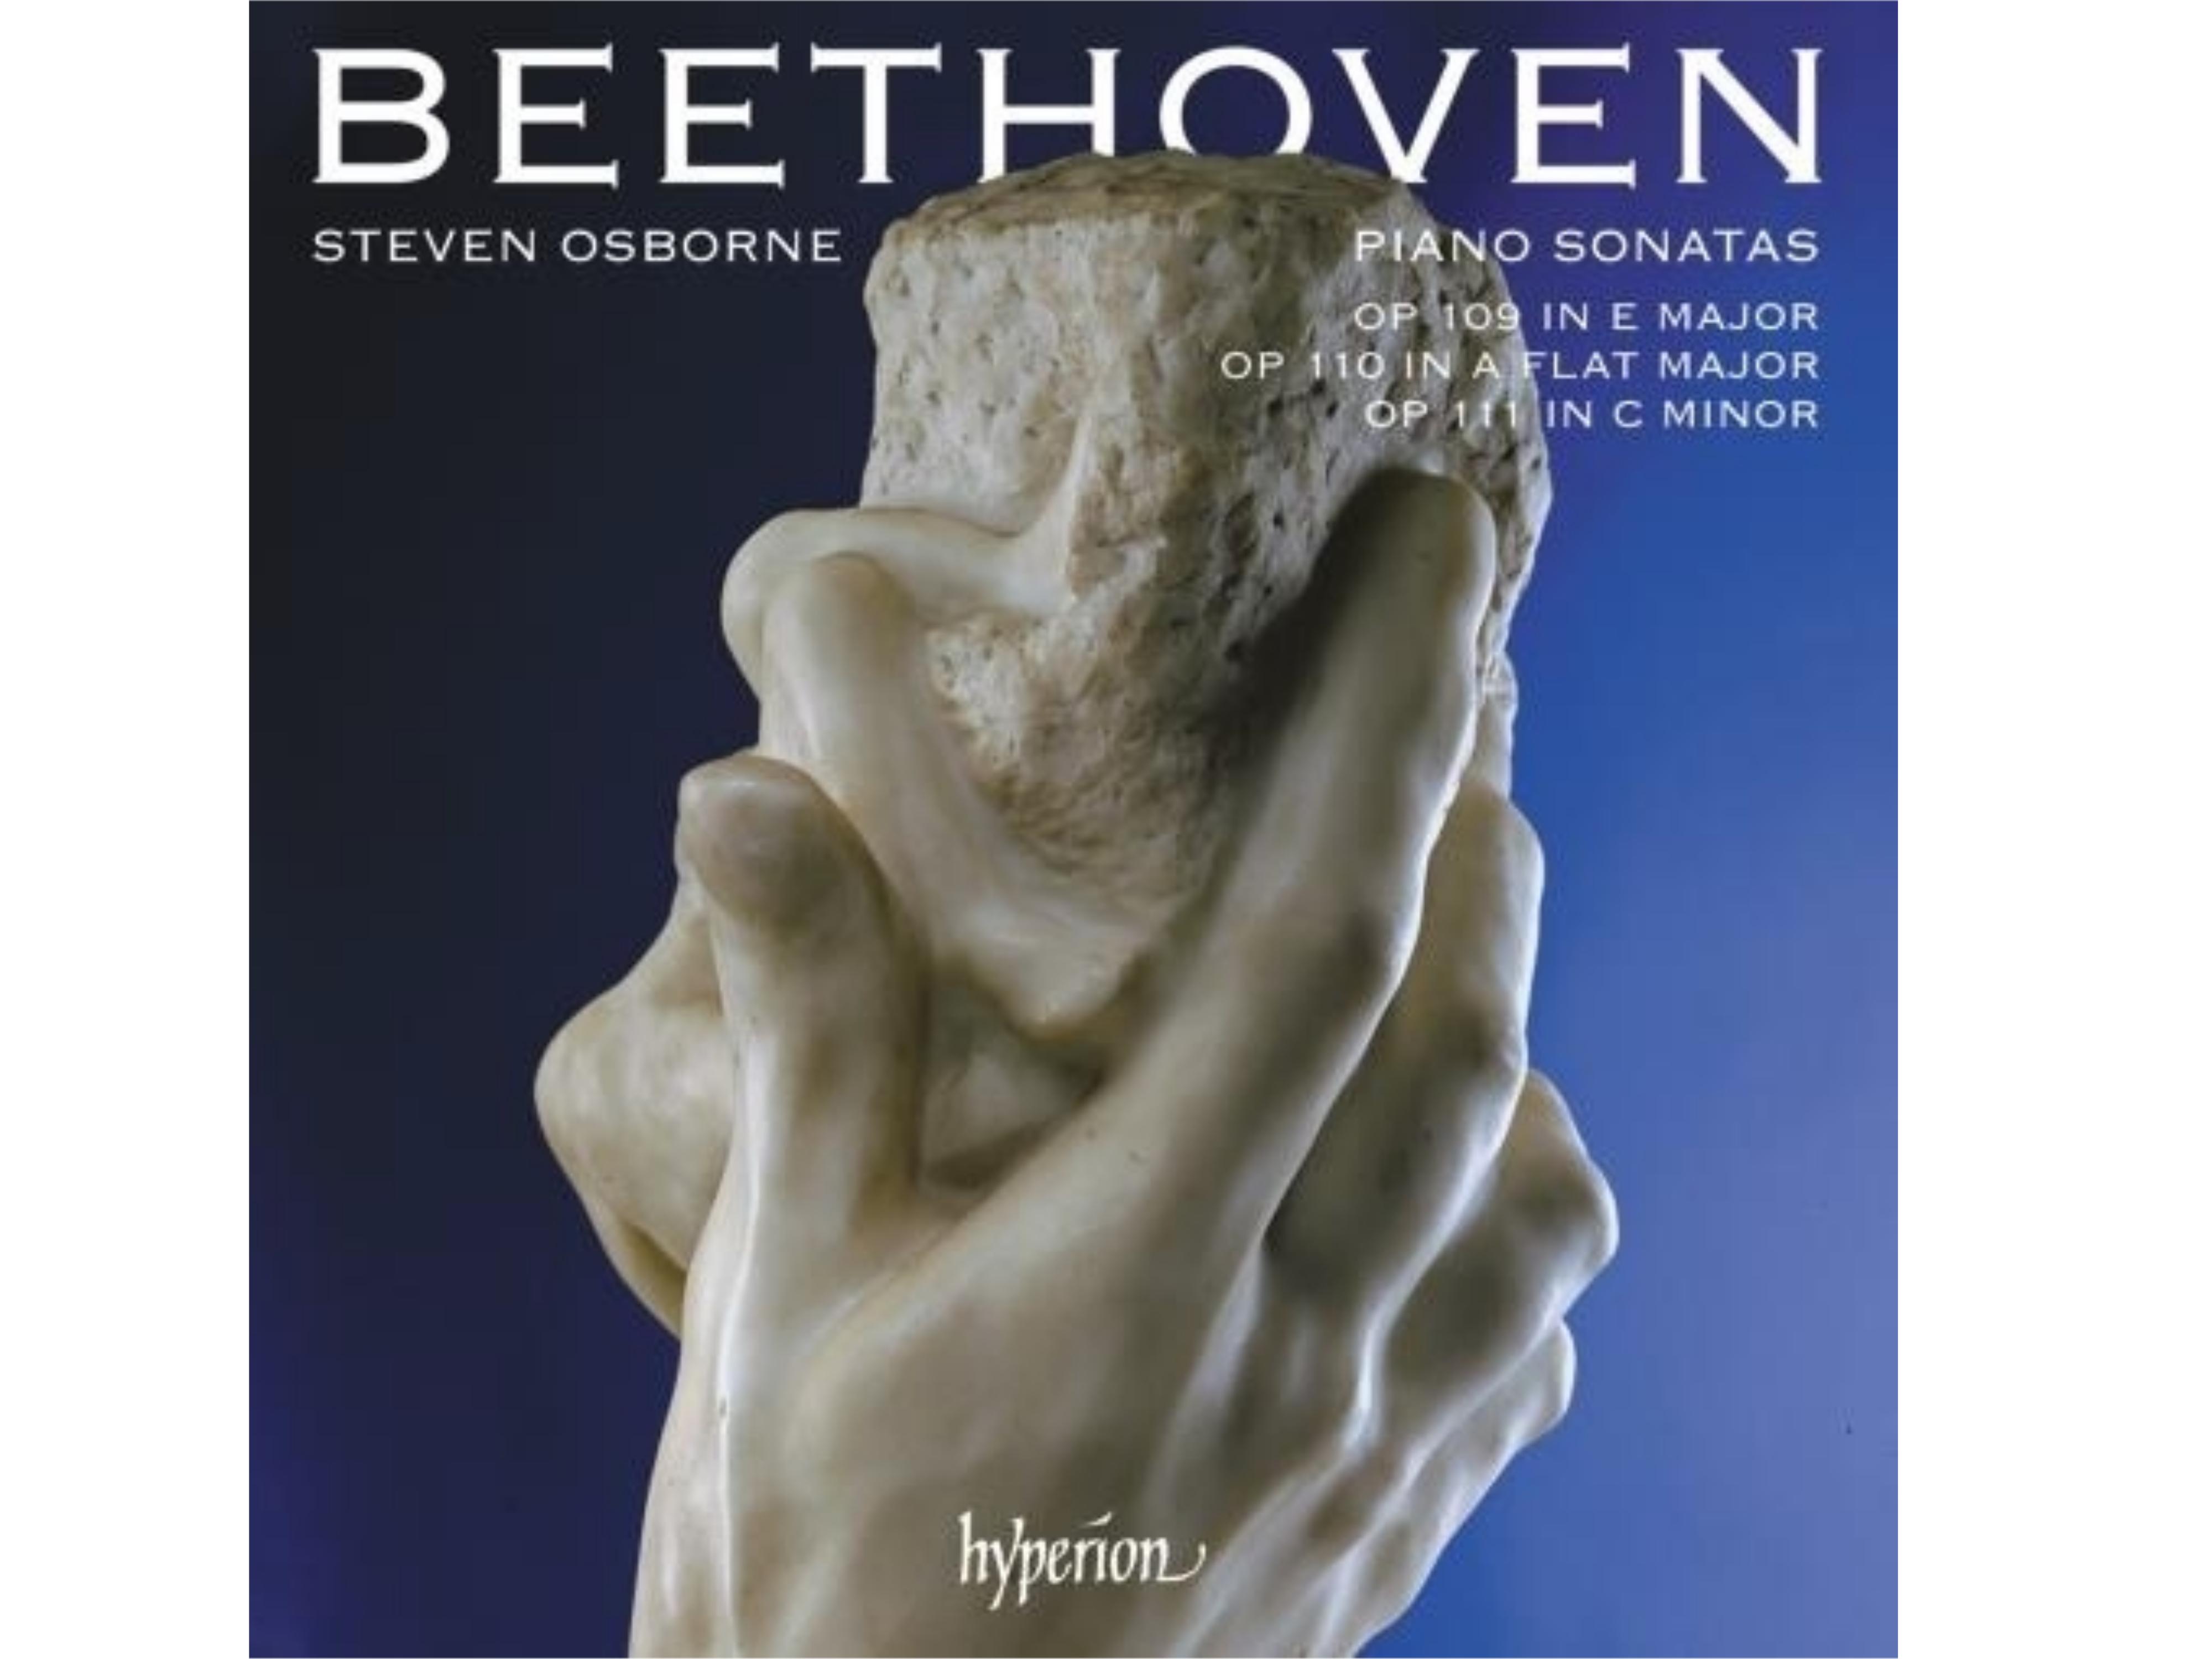 Beethoven Steven Osborne